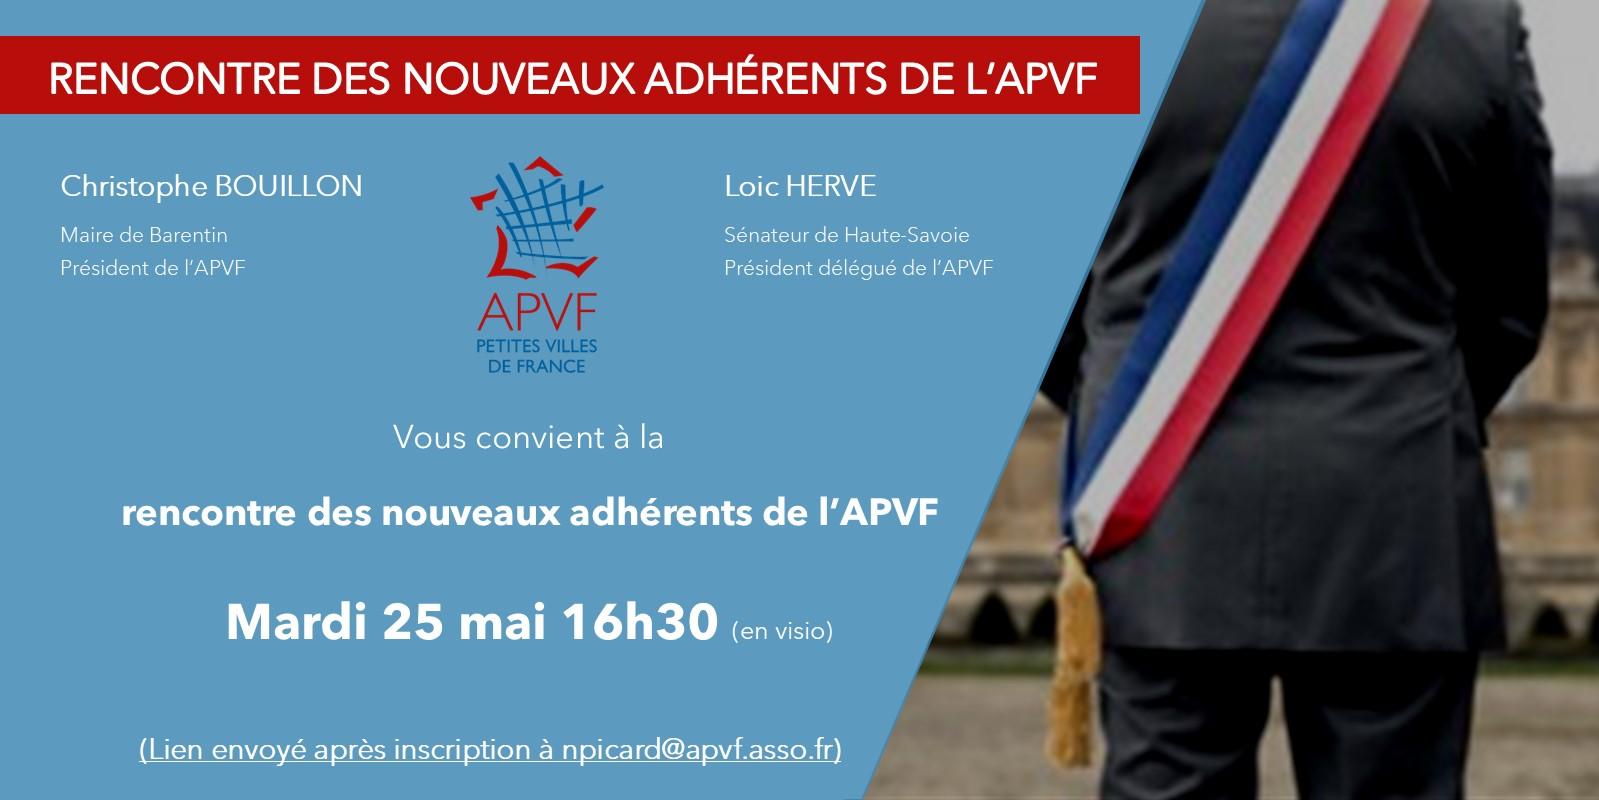 Webinaire : Rencontre des nouveaux adhérents de l'APVF